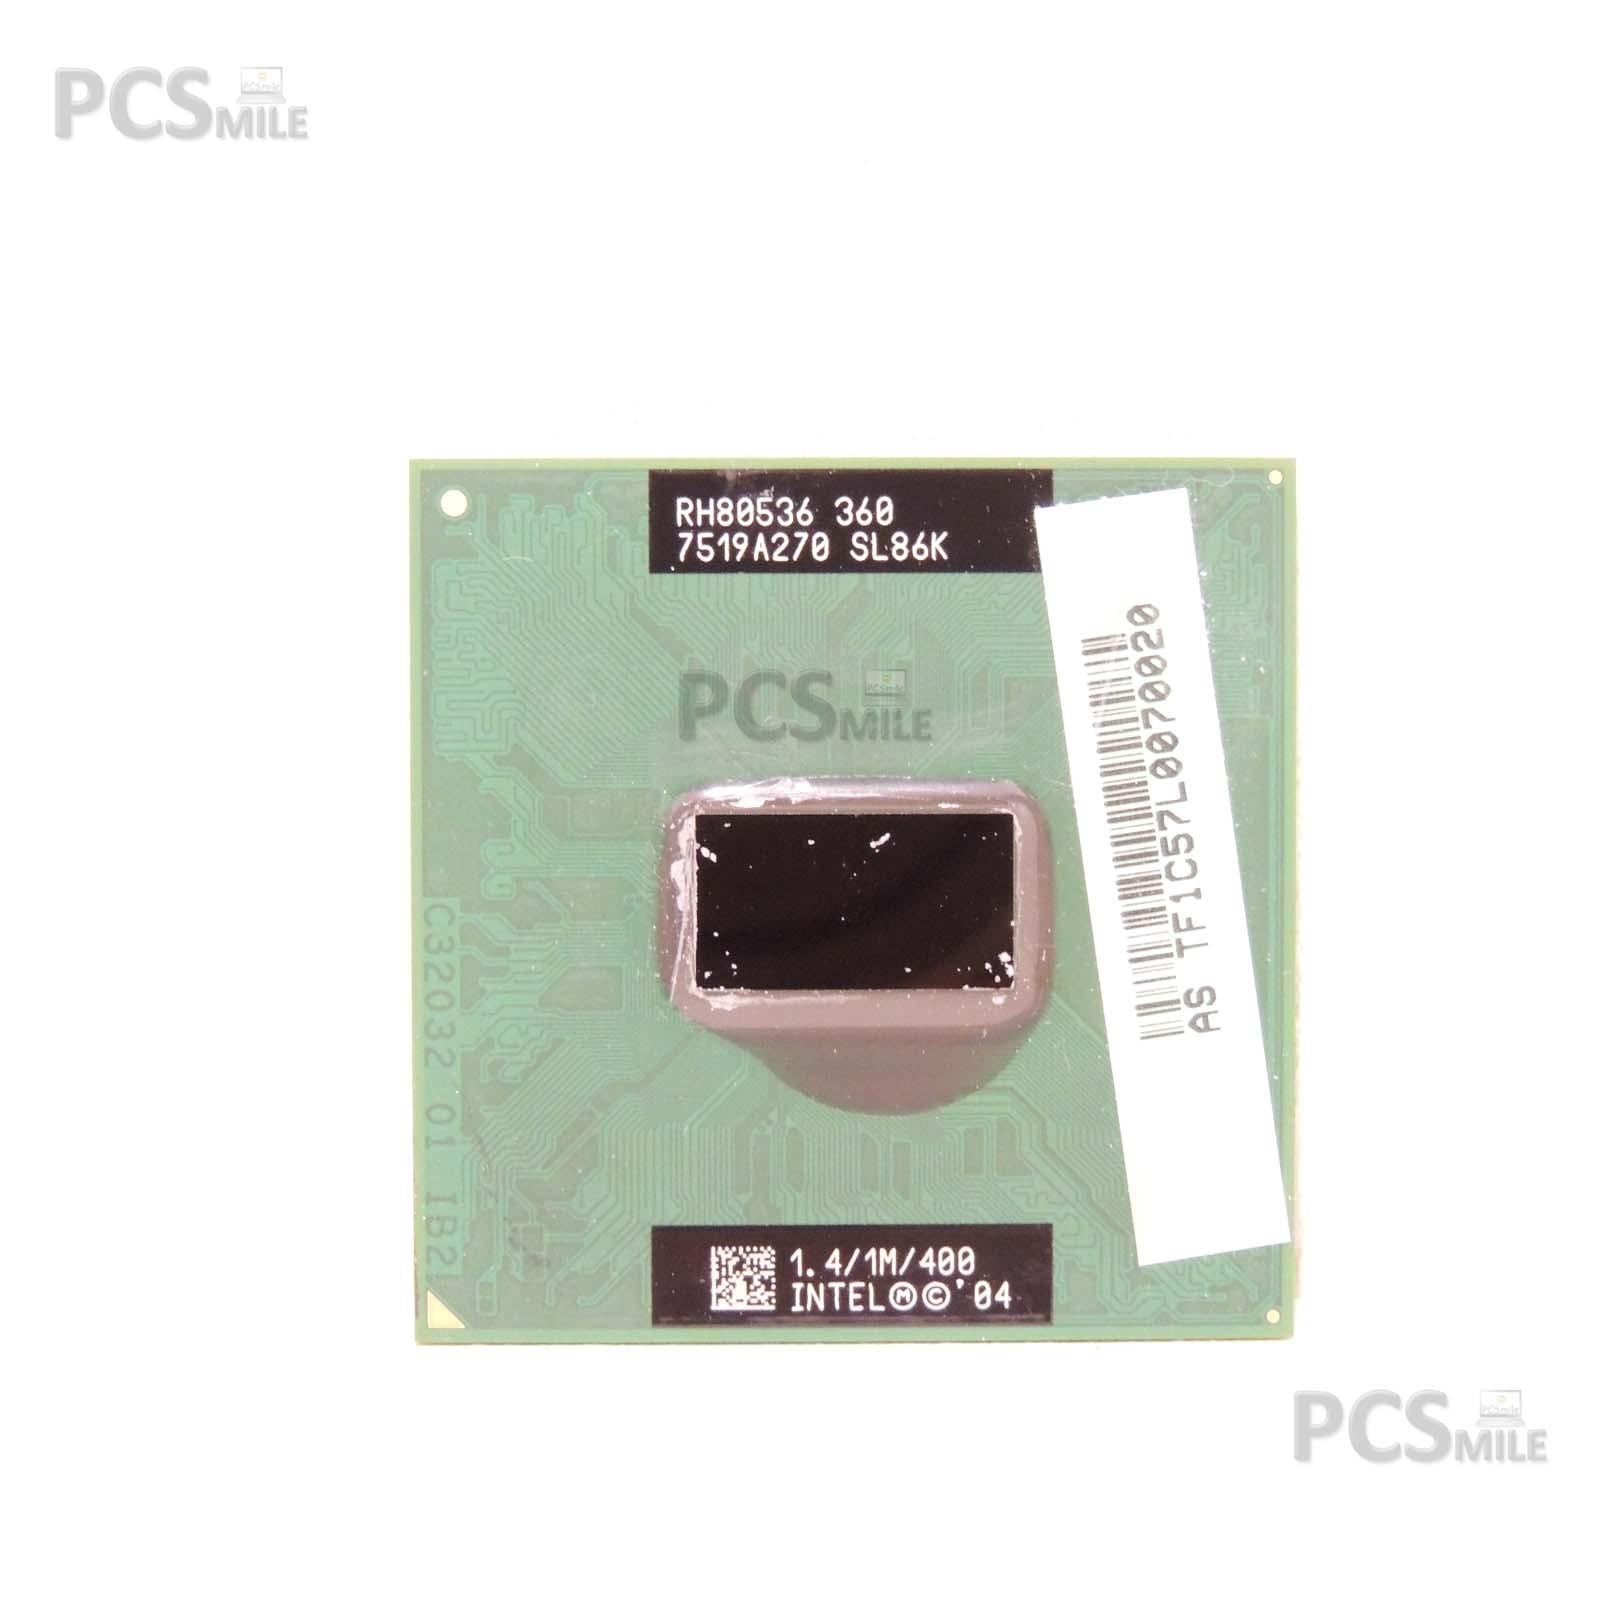 CPU RH80536 7519A270 SL86K 1.4/1M/400 PROCESSORE INTEL CELERON M360 ASUS A3000